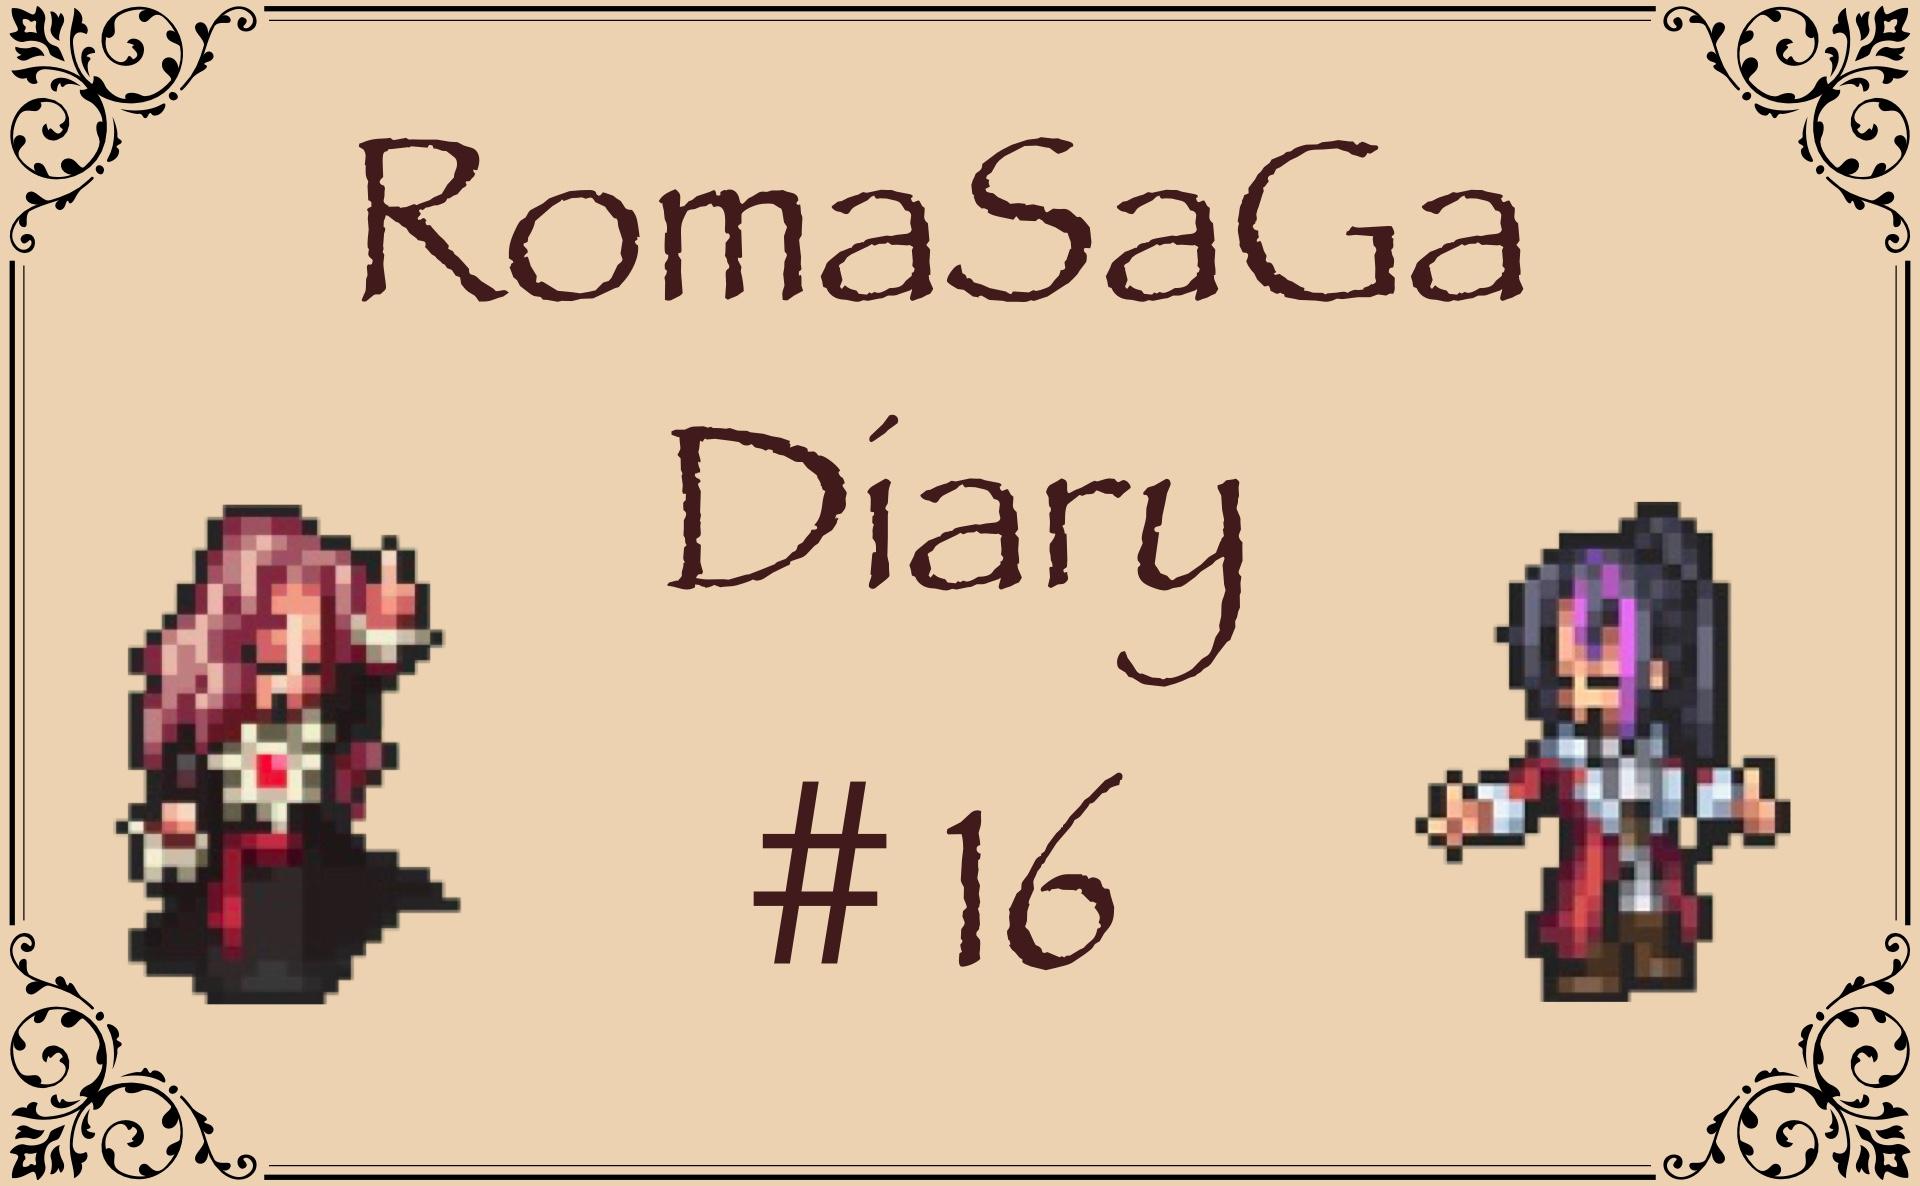 ロマサガDiary#16